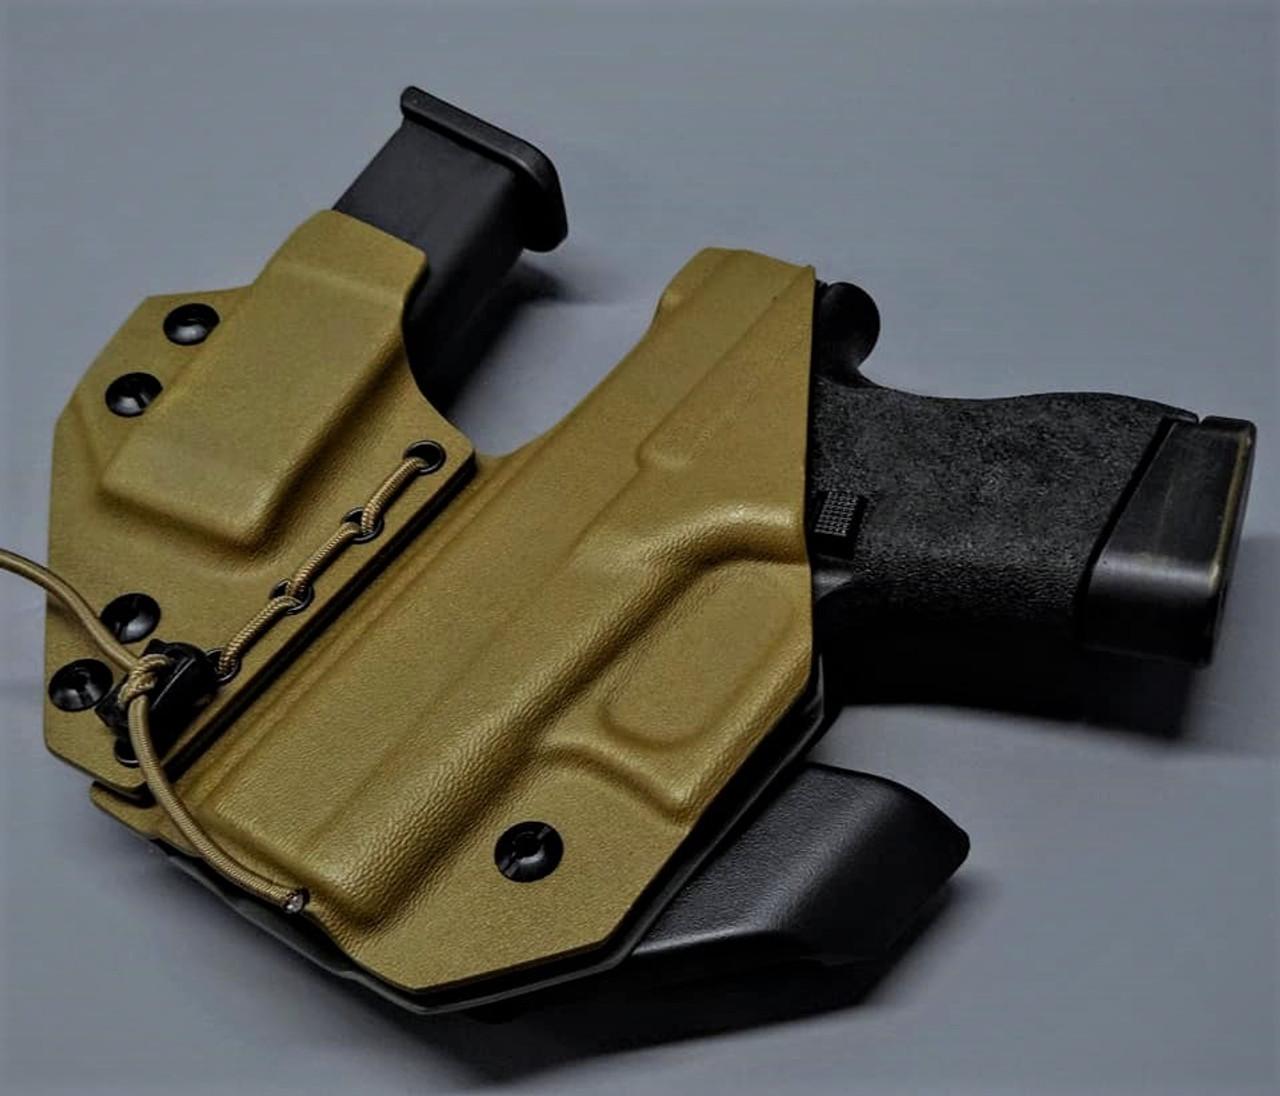 Glock 43x Appendix Carry Rig